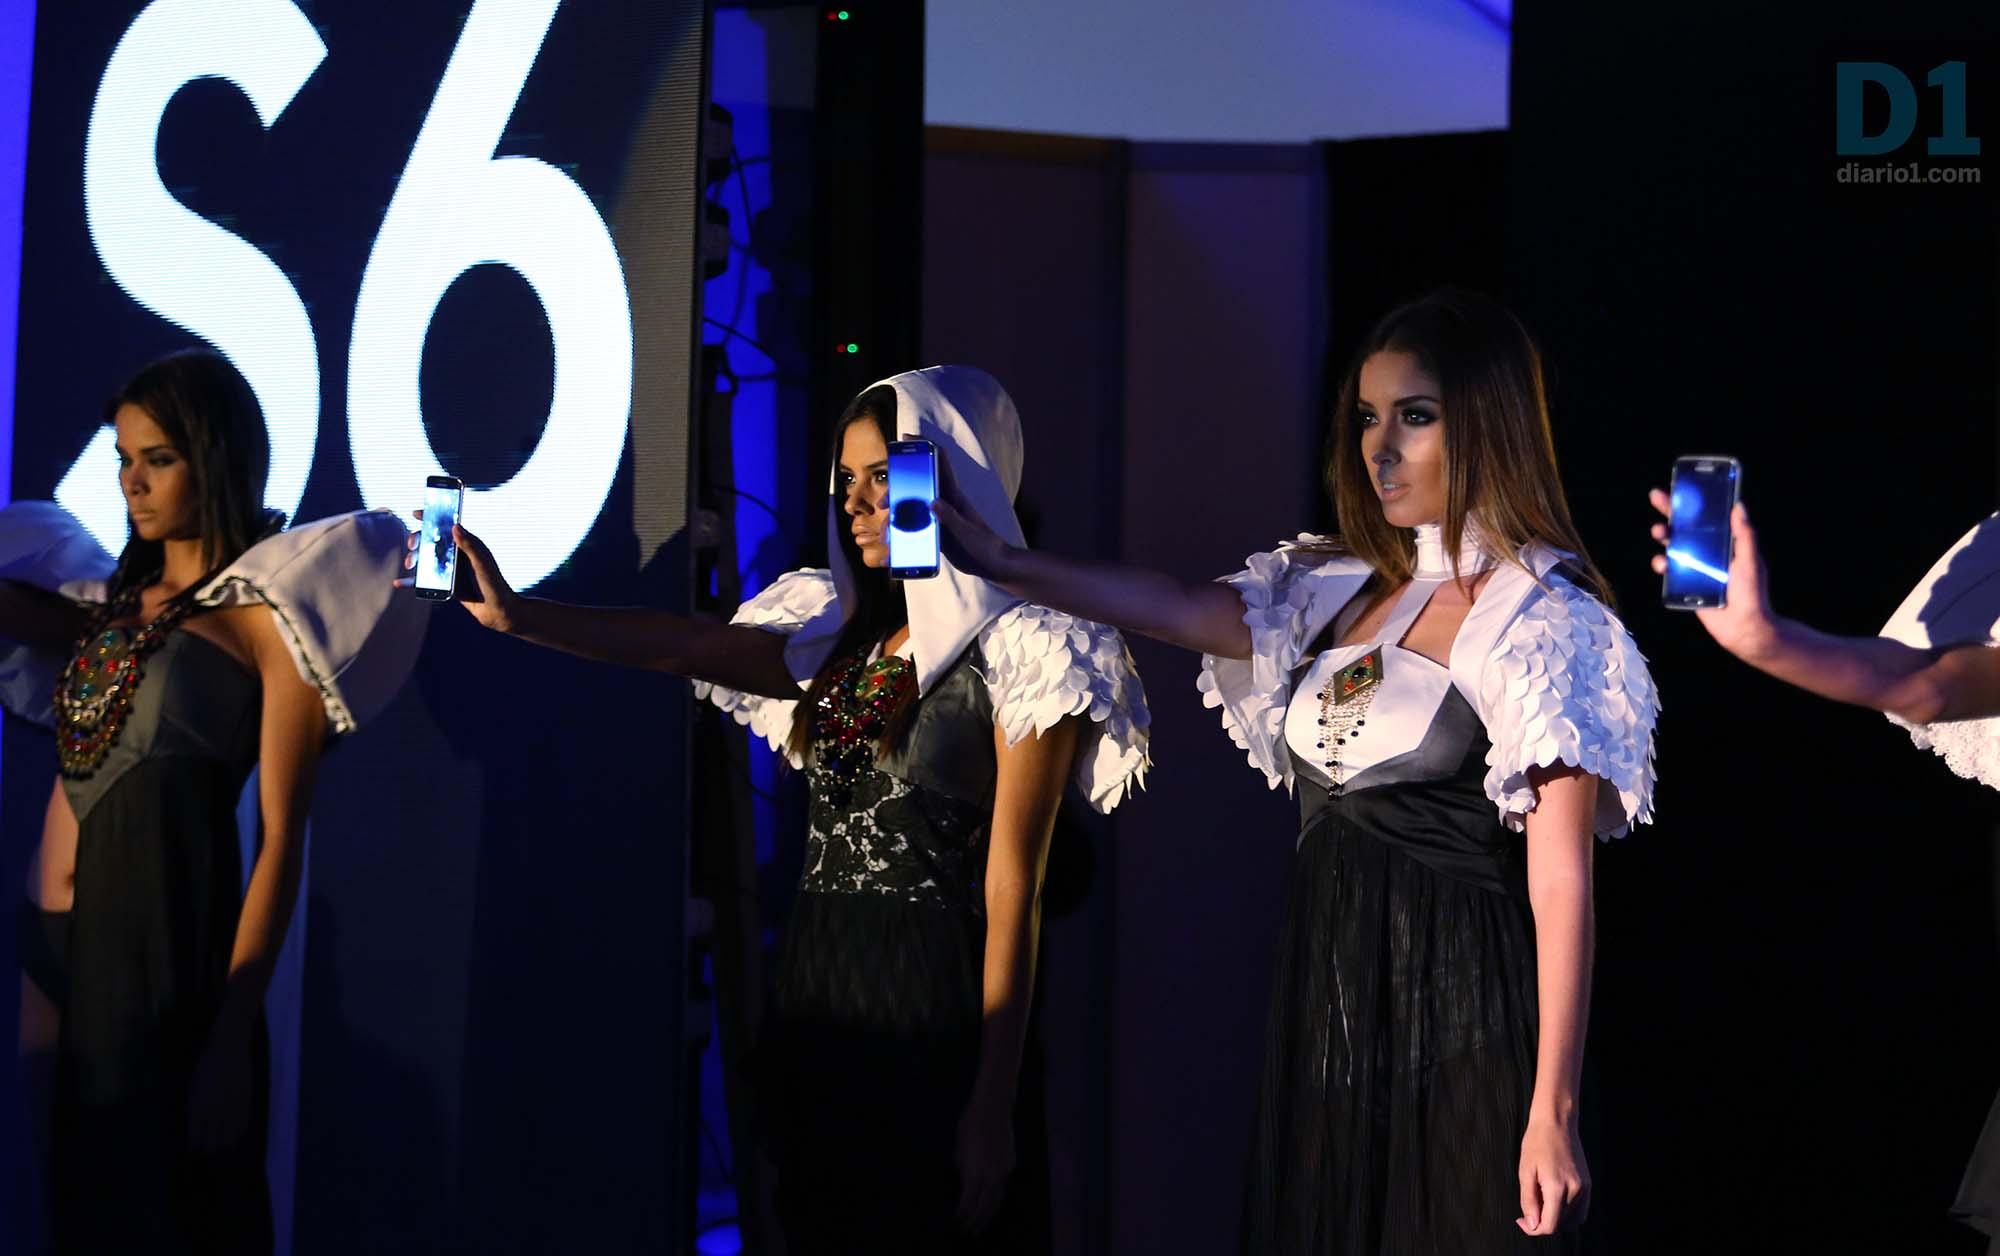 Modelos presentan el nuevo S6 y S6 EDGE. Foto D1: Nelson Dueñas